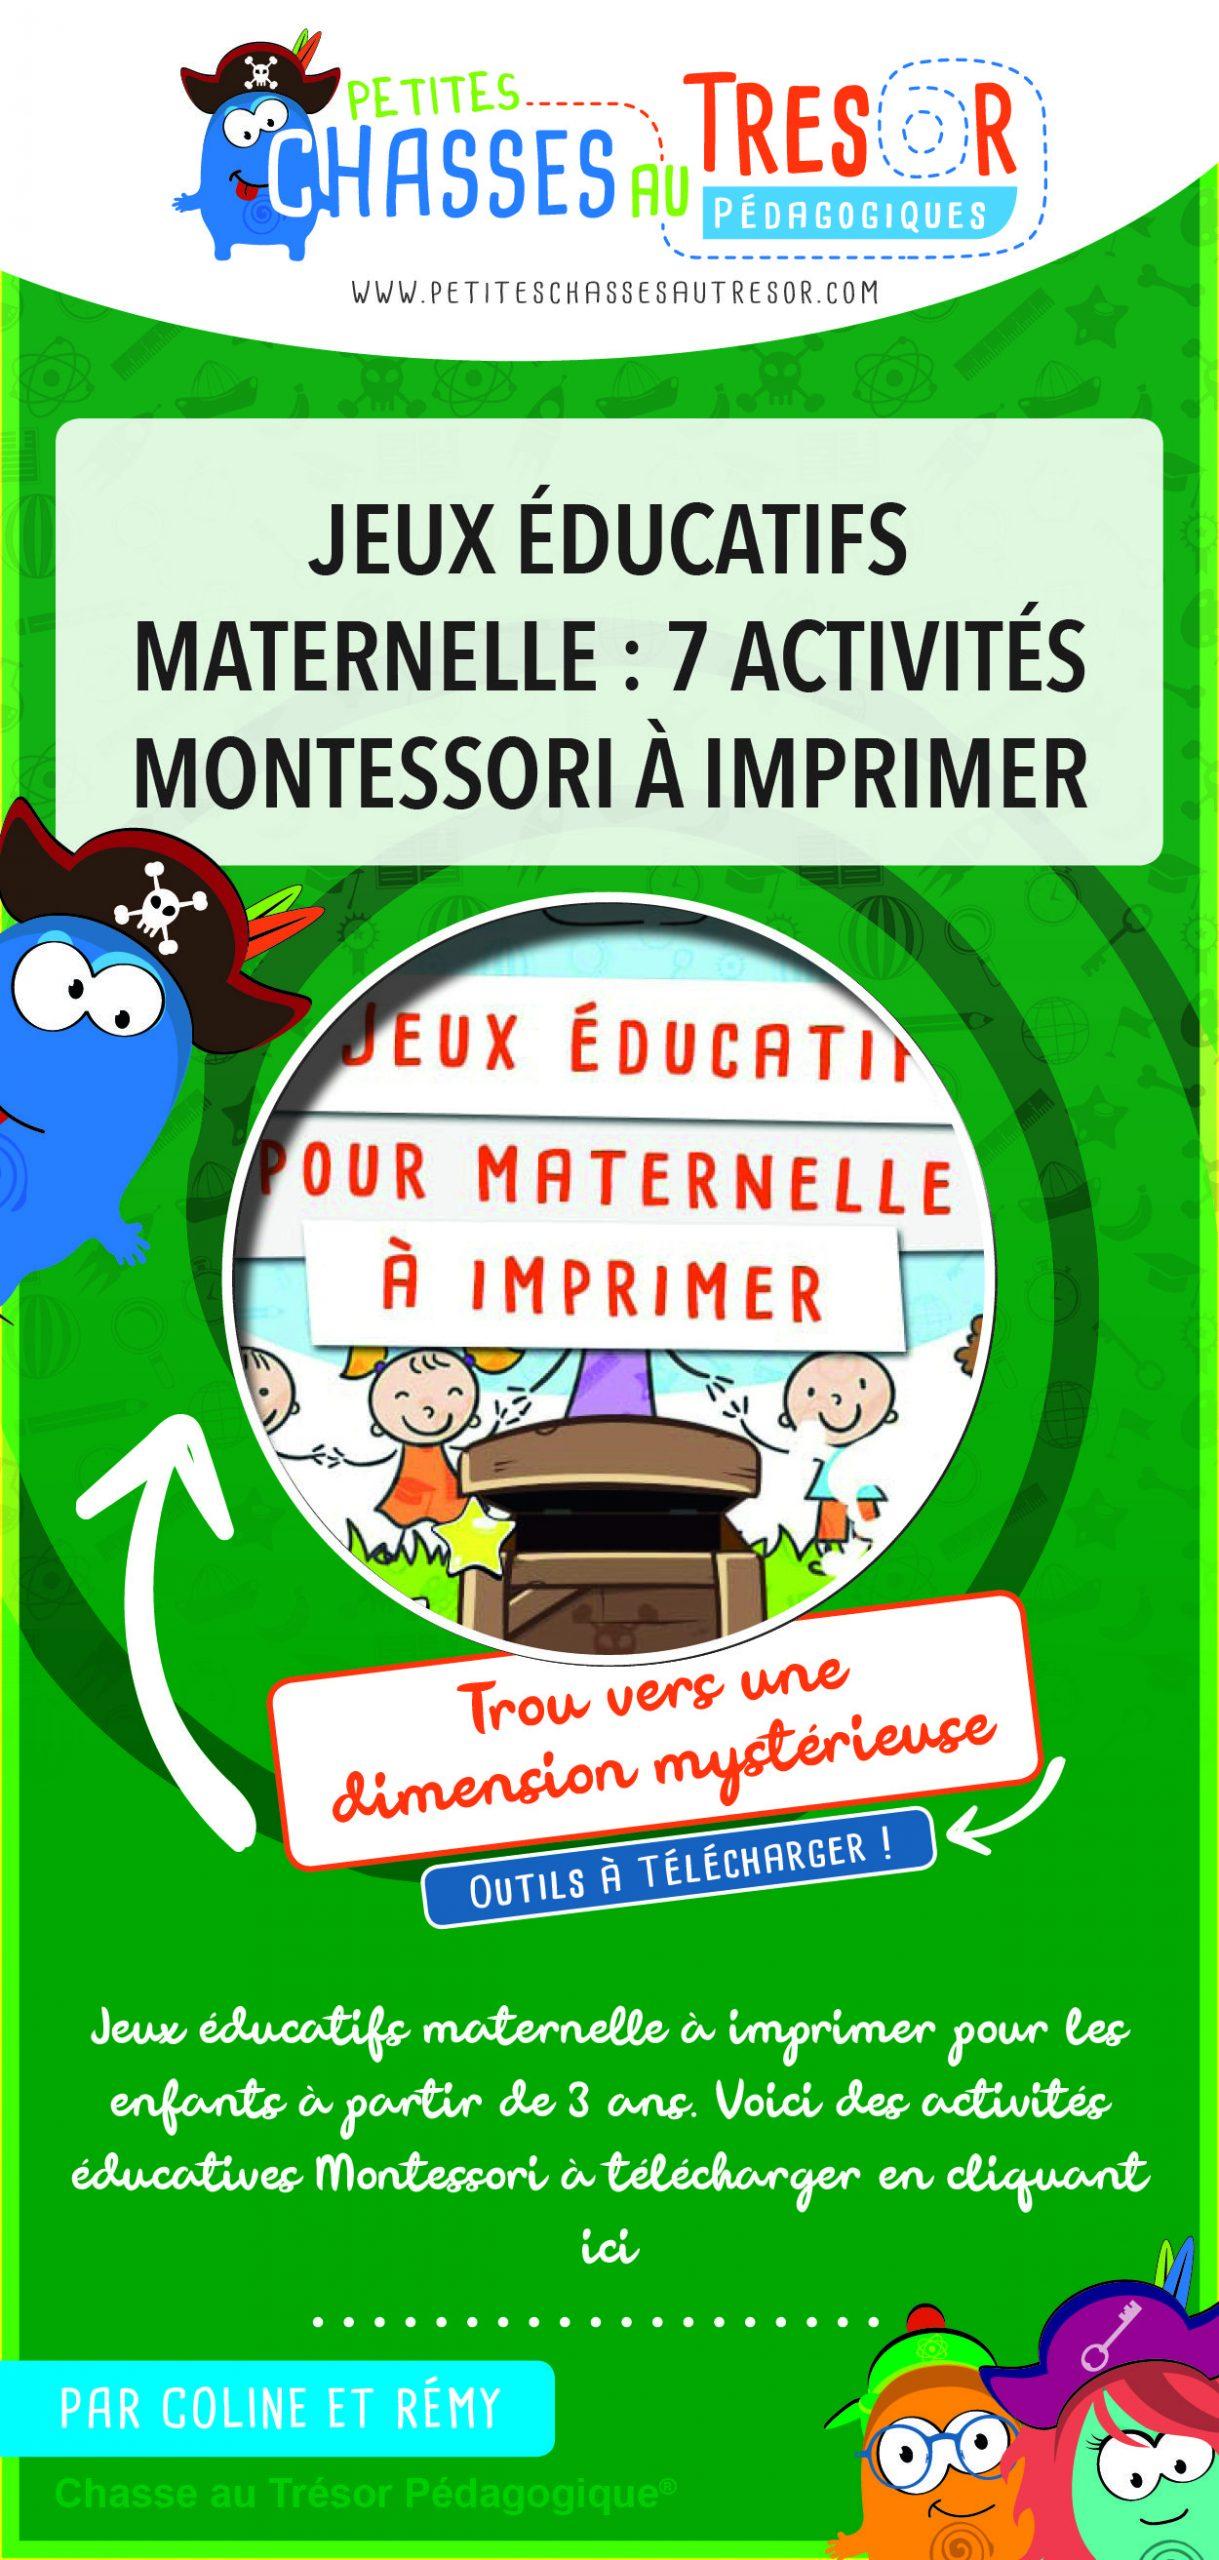 Jeux Éducatifs Maternelle : 7 Activités Montessori À concernant Jeux Educatif 3 Ans